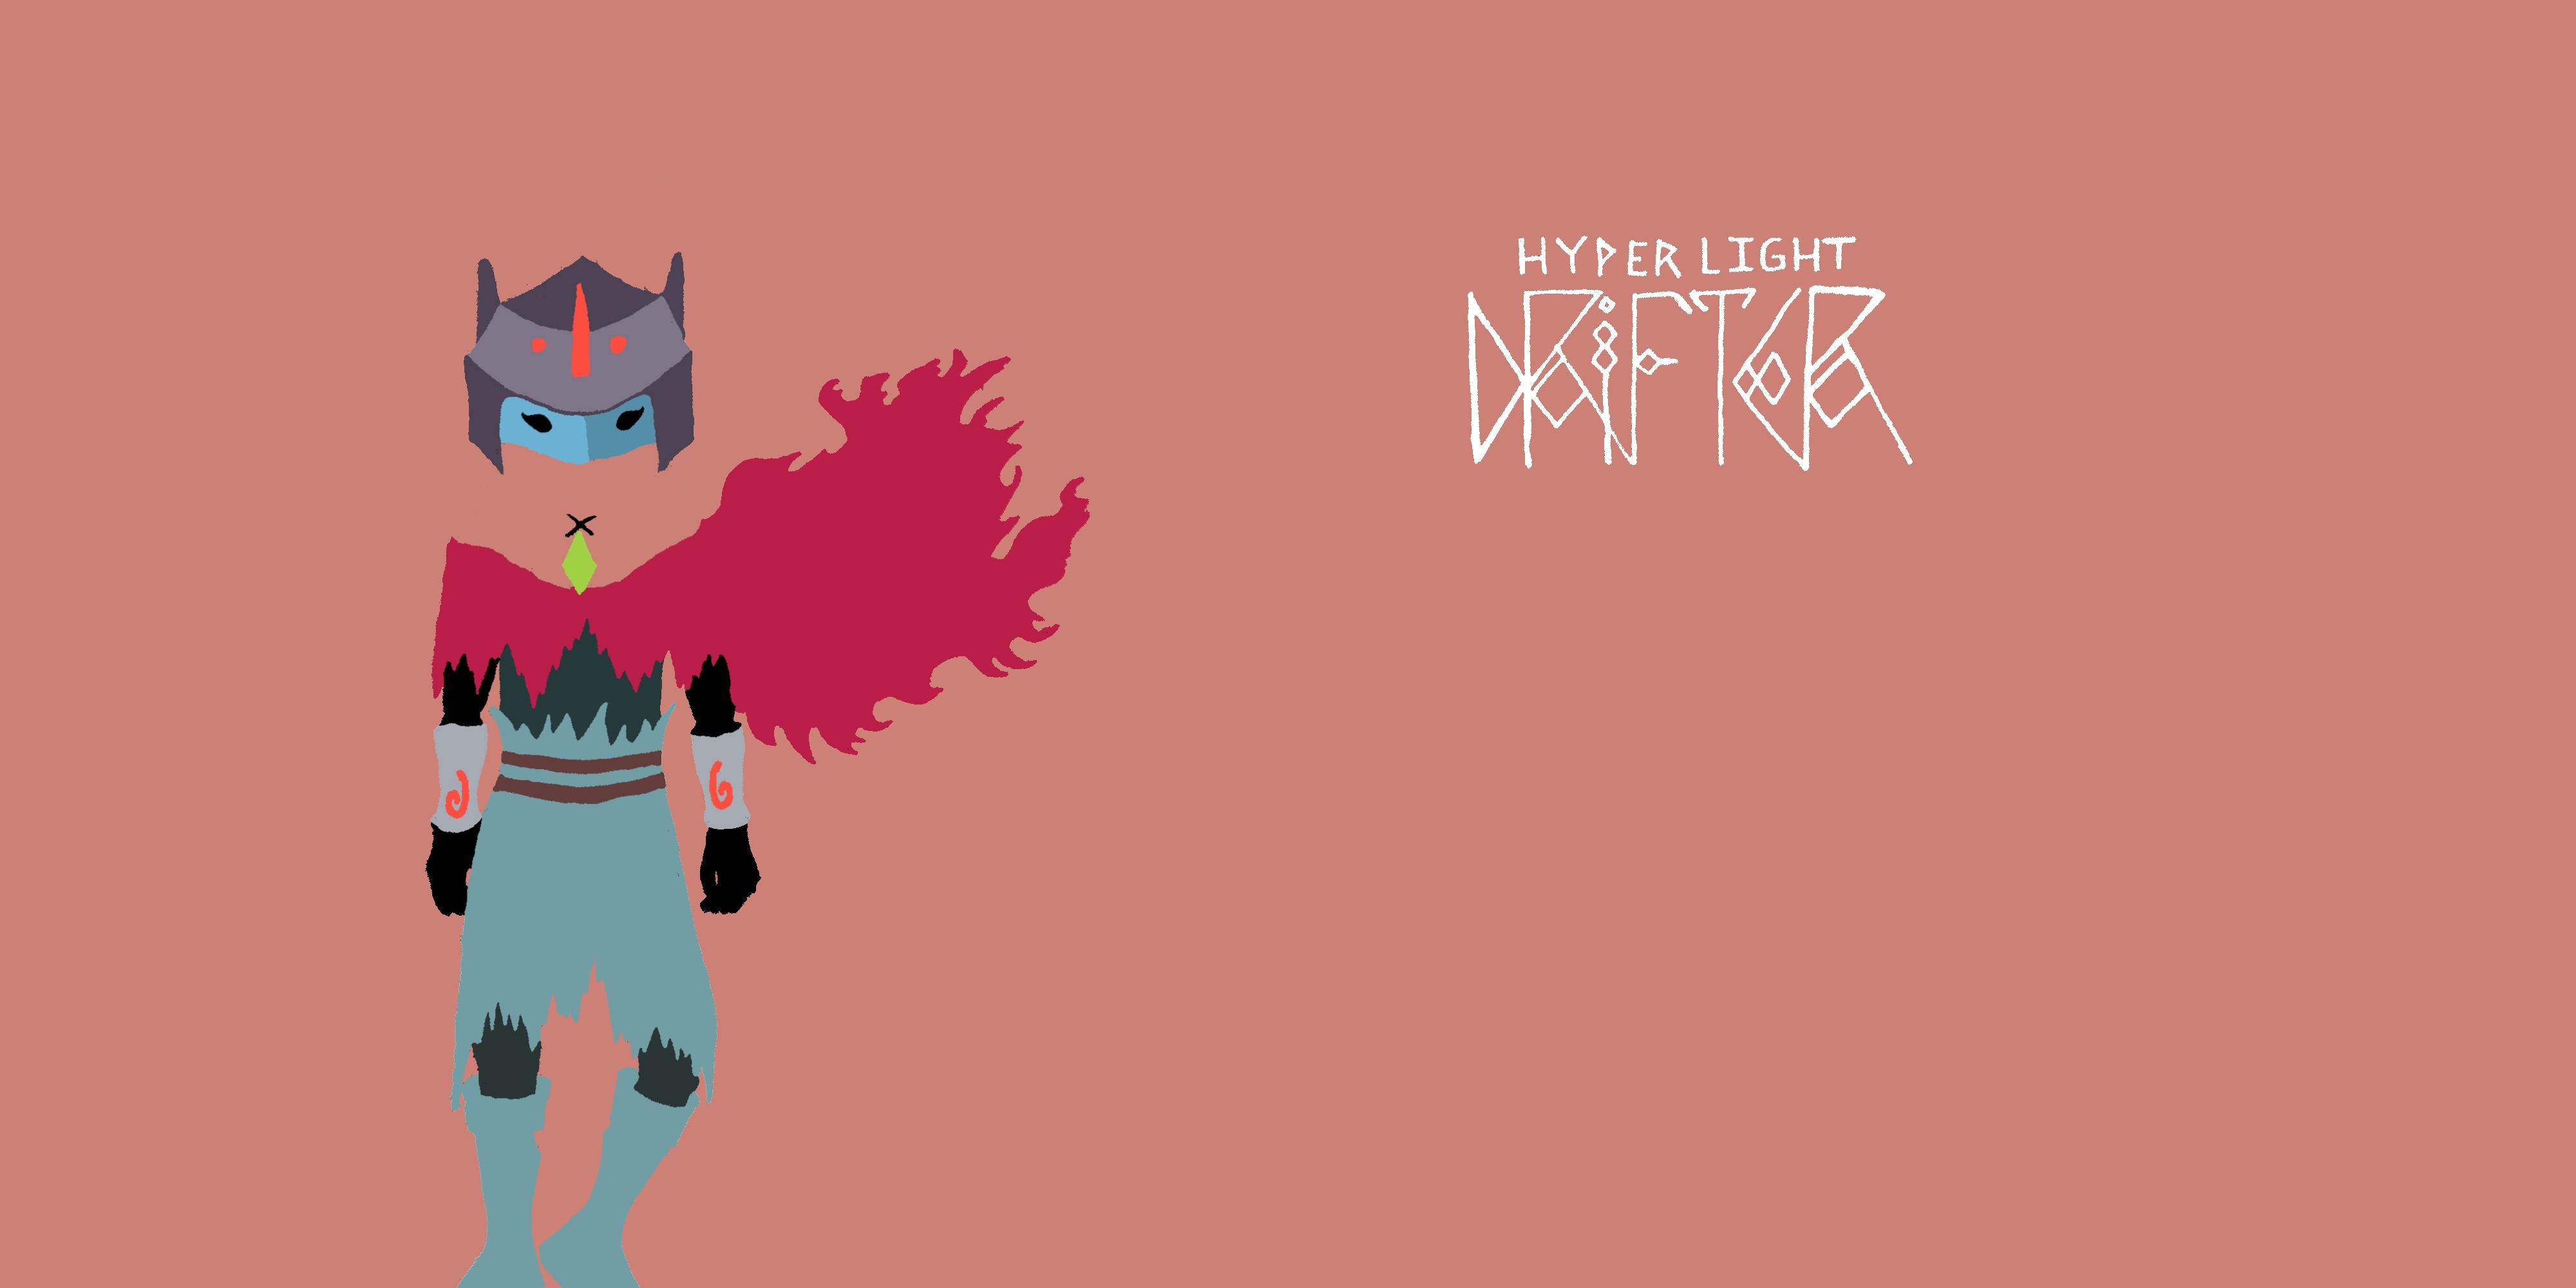 Minimalist Hyper Light Drifter Wallpapers